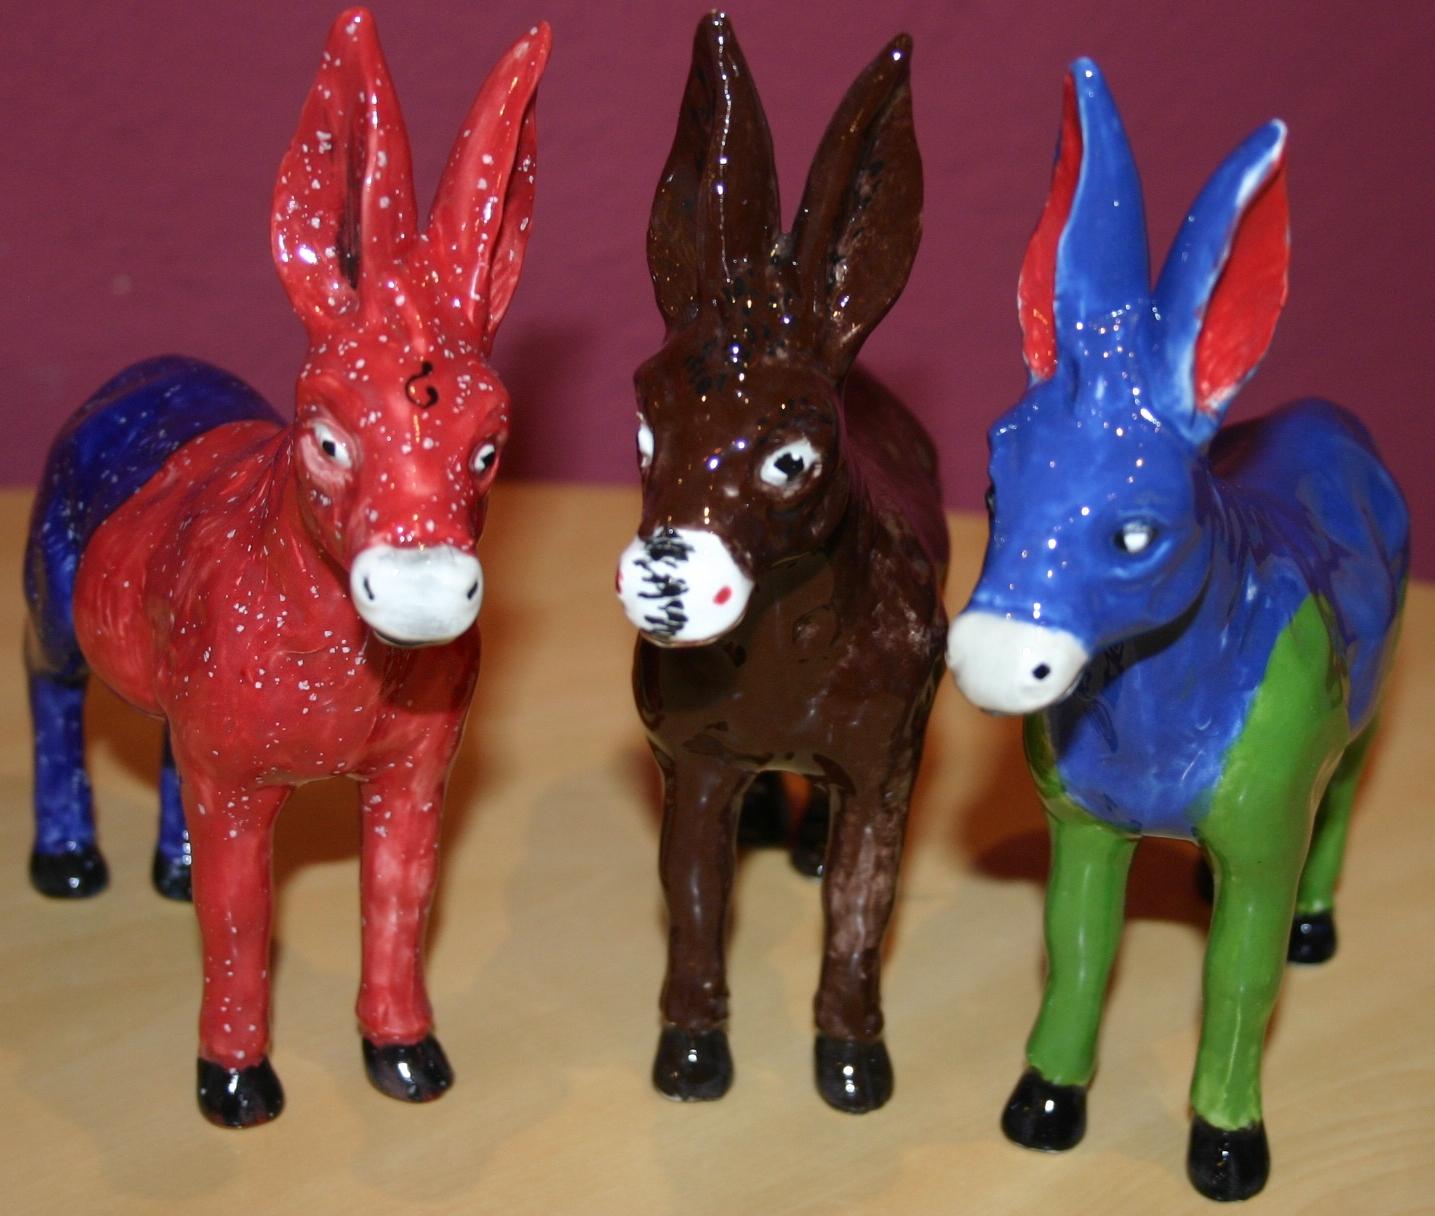 Die Esel von Sent - kreatives Keramikmalen